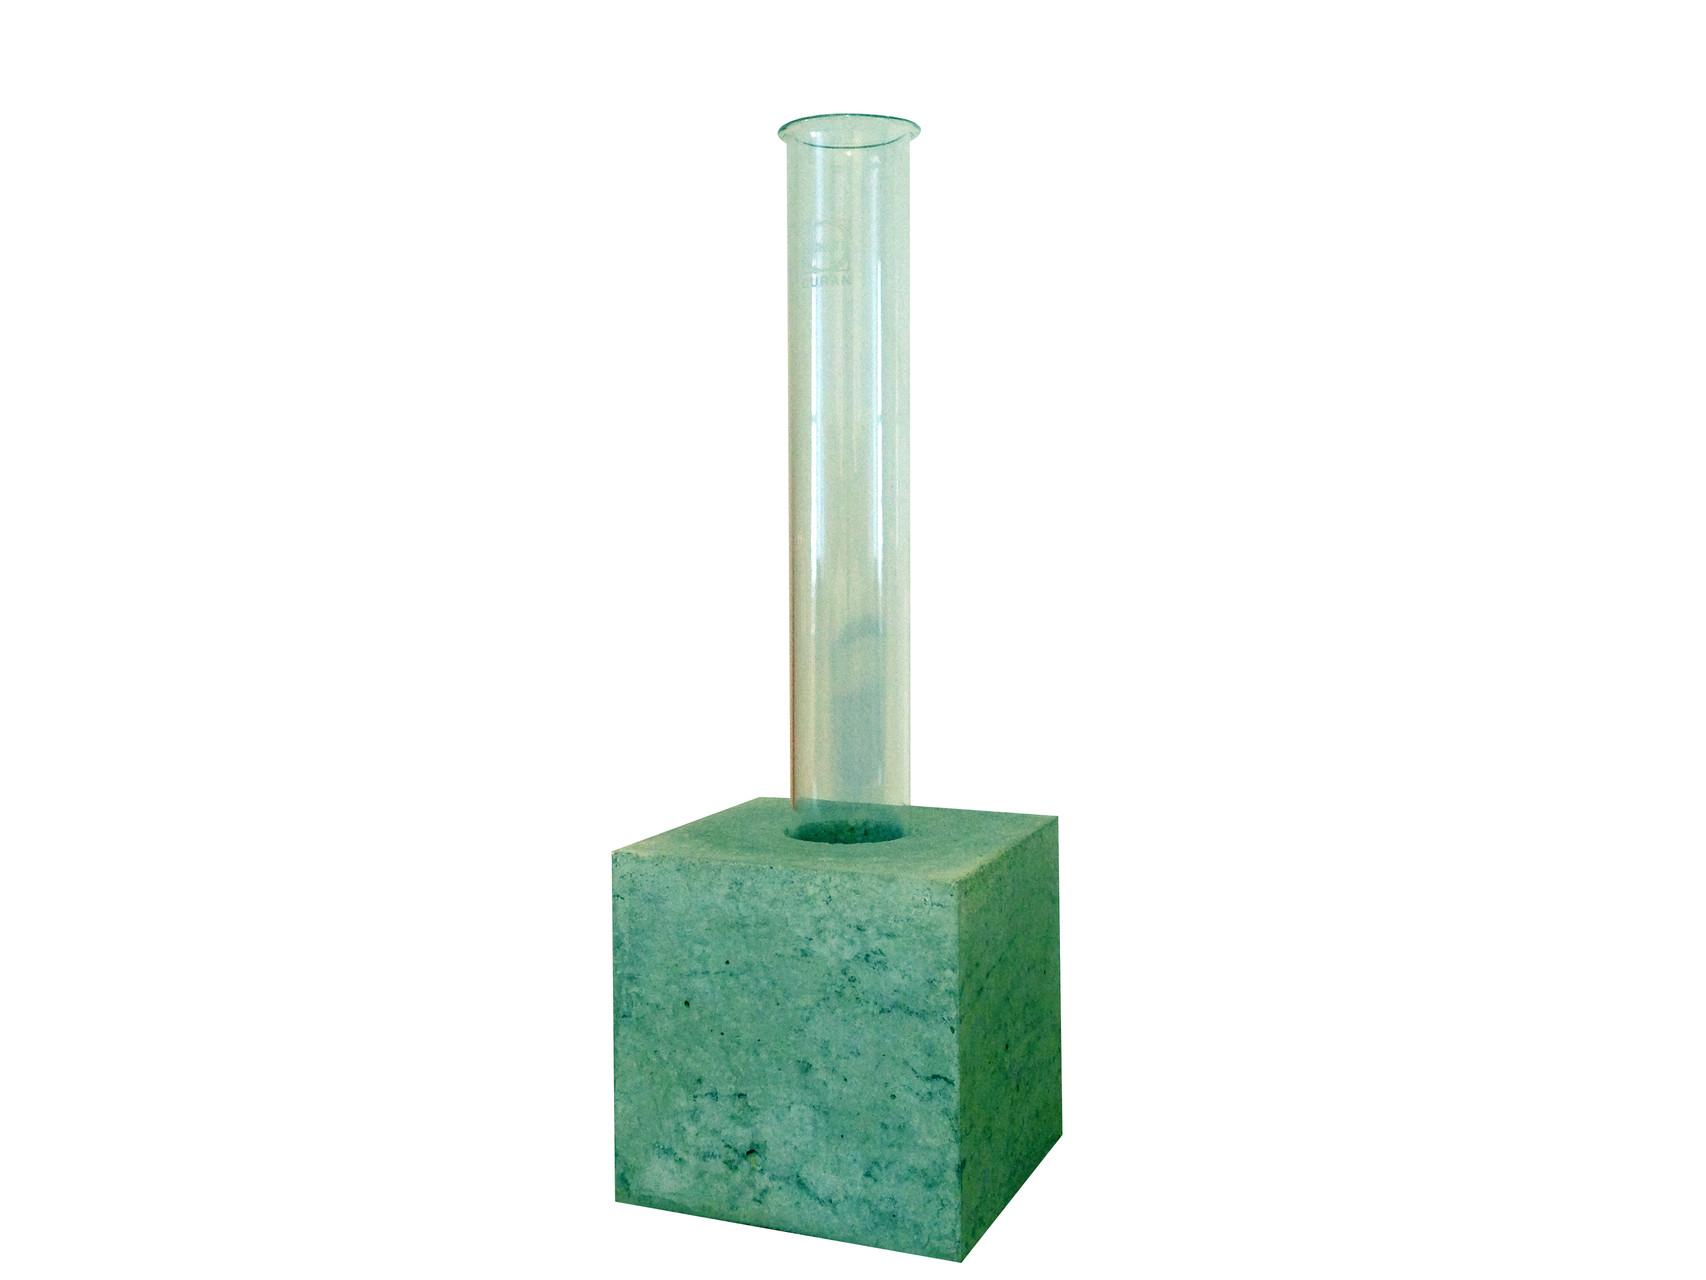 UNA - Vase - 21 x 7 x 7 cm - € 19,-